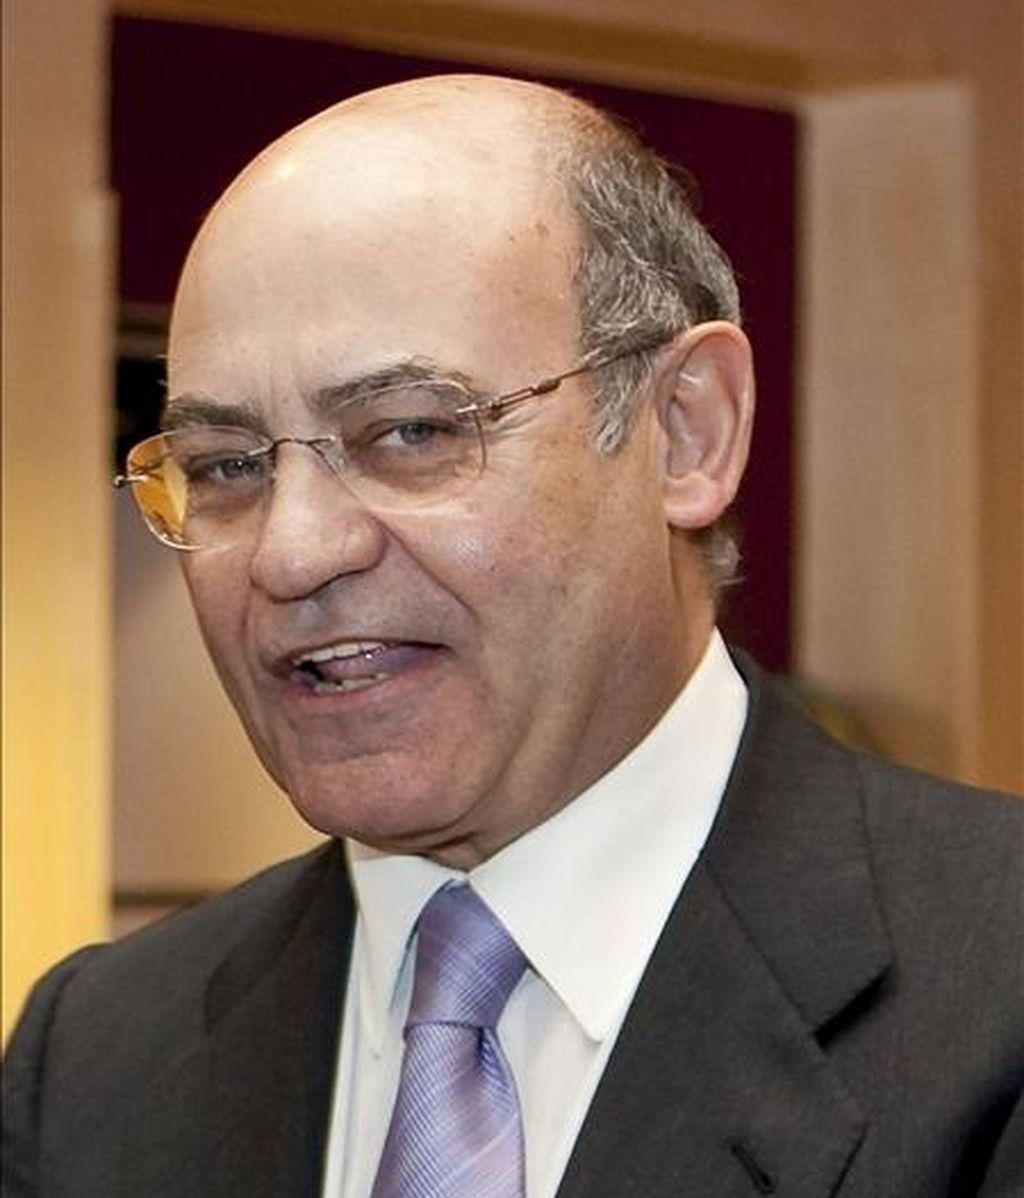 En la imagen, el presidente del grupo Marsans, Gerardo Díaz Ferrán, durante un acto. EFE/Archivo